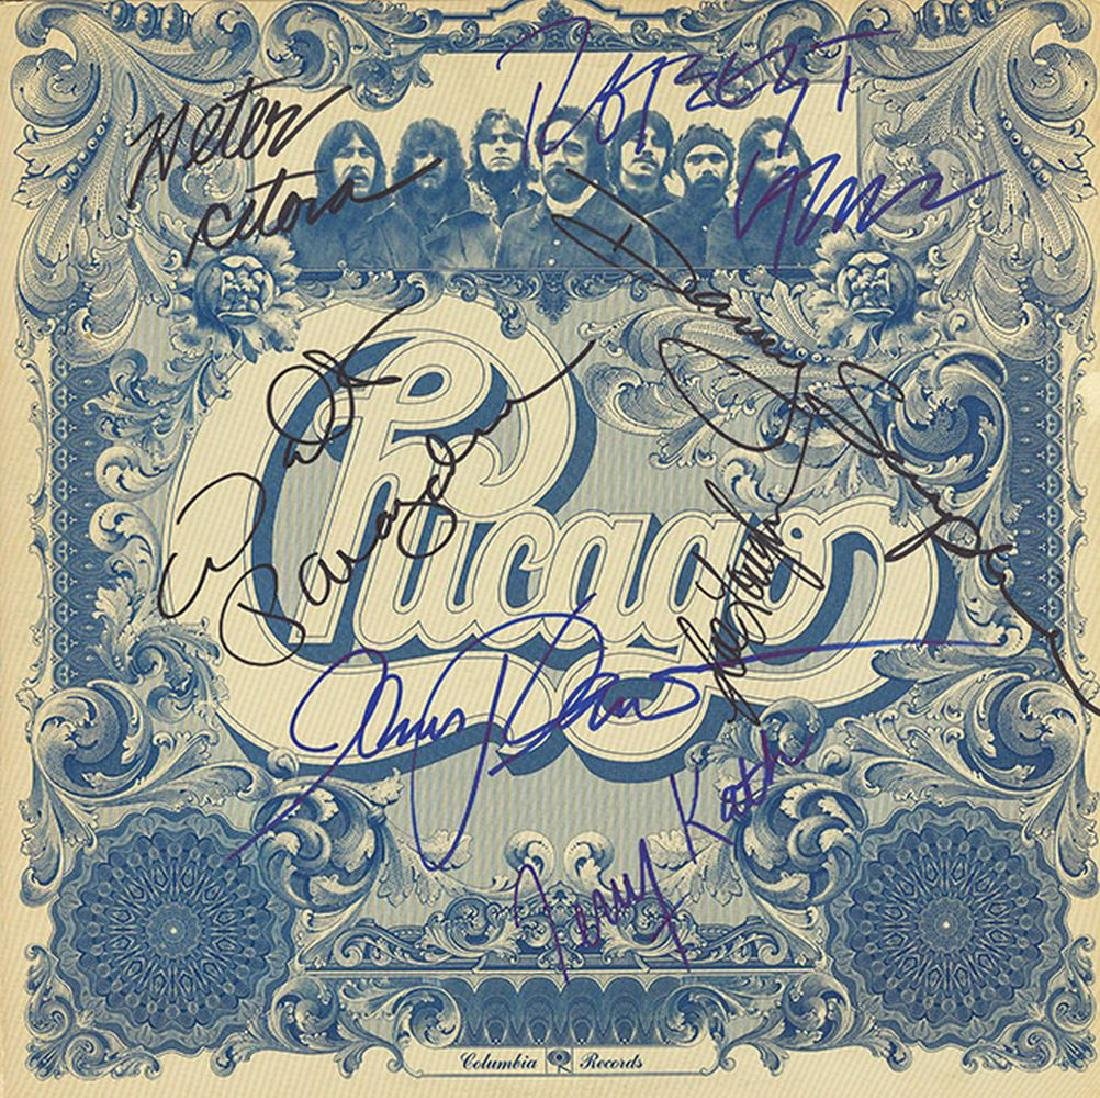 Chicago Signed Chicago VI Album